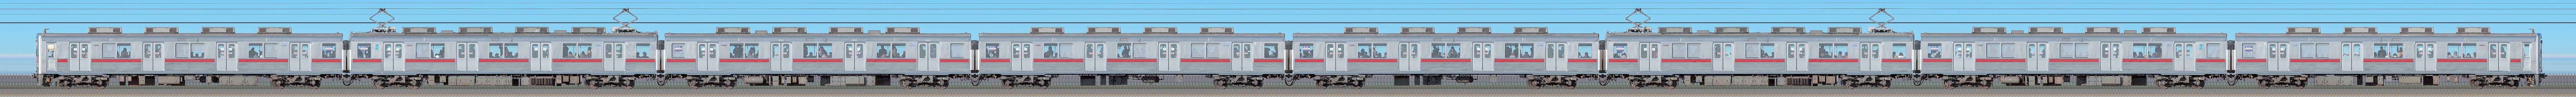 東武10000型11801編成(リニューアル車・海側)の編成サイドビュー